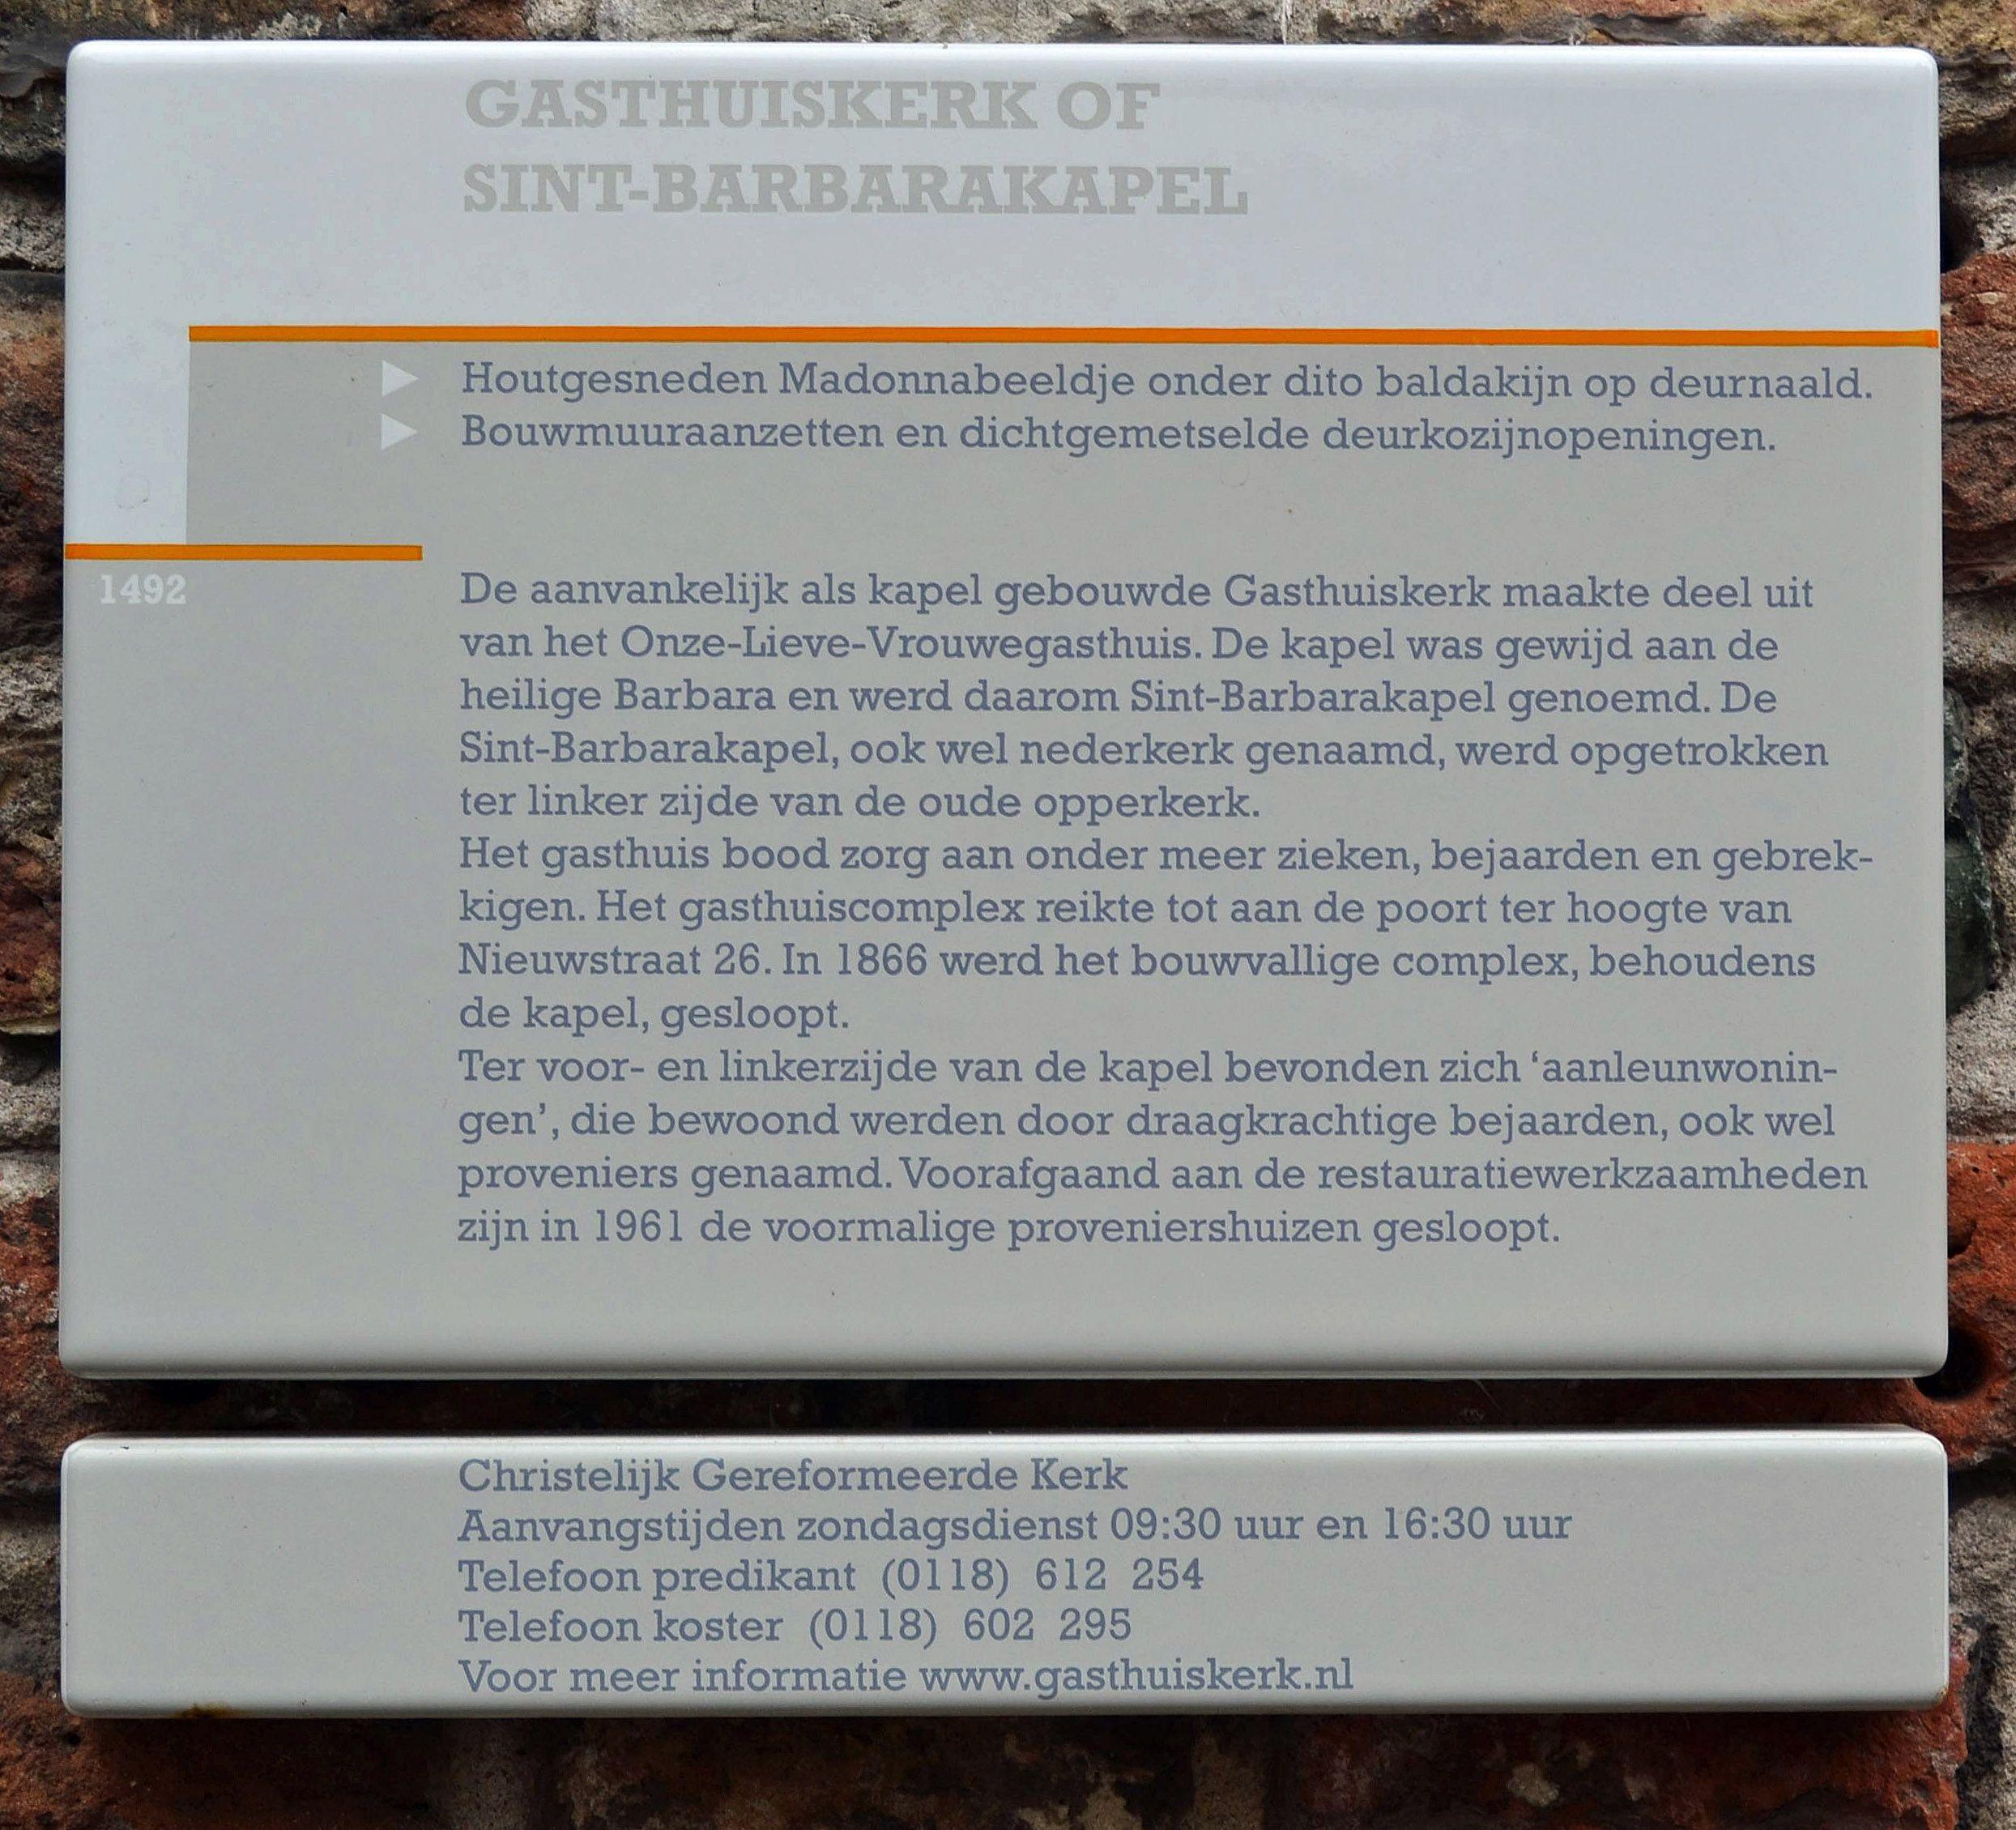 Informatiebordje aan de Gasthuiskerk (Foto H.M.D. Dekker).